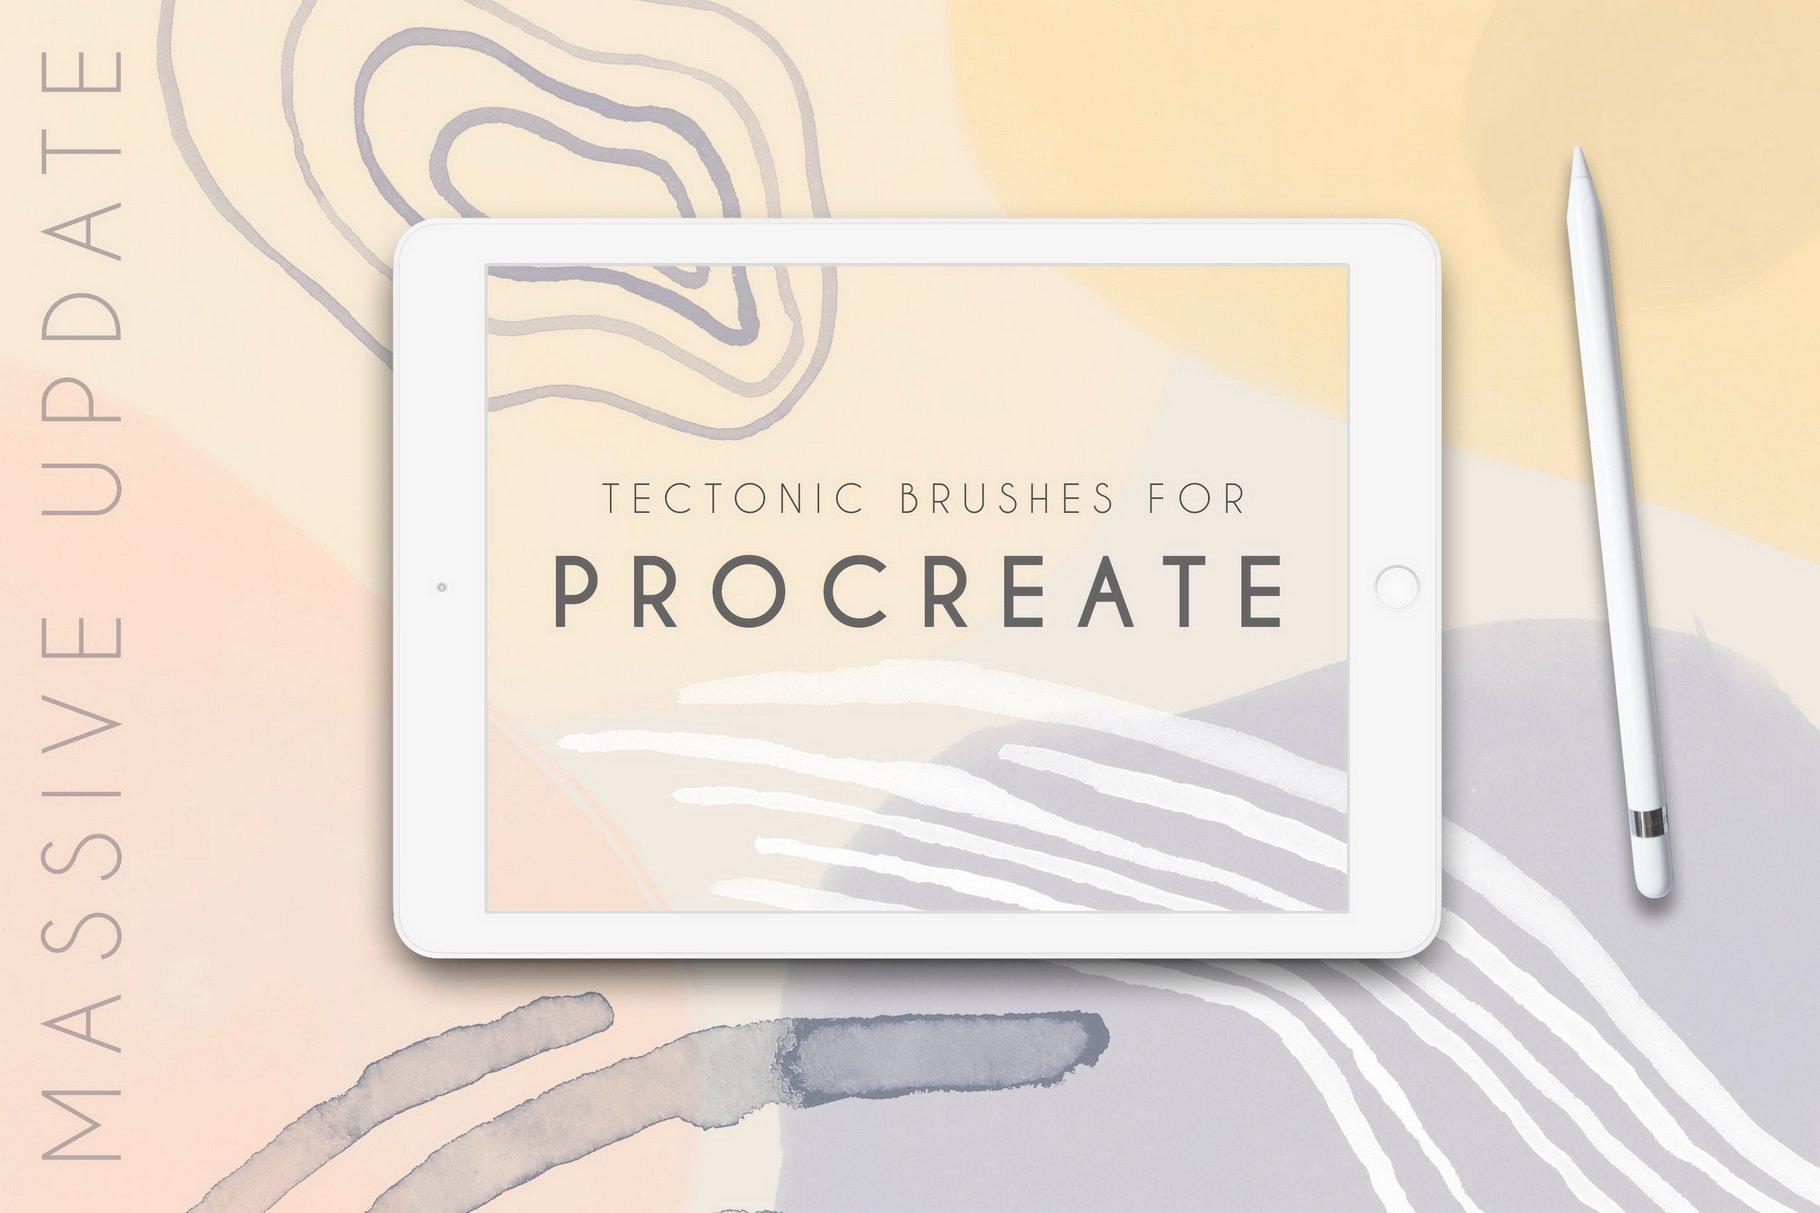 100款手绘水粉水彩丙烯酸Procreate笔刷 Tectonic Procreate Brushes插图(7)